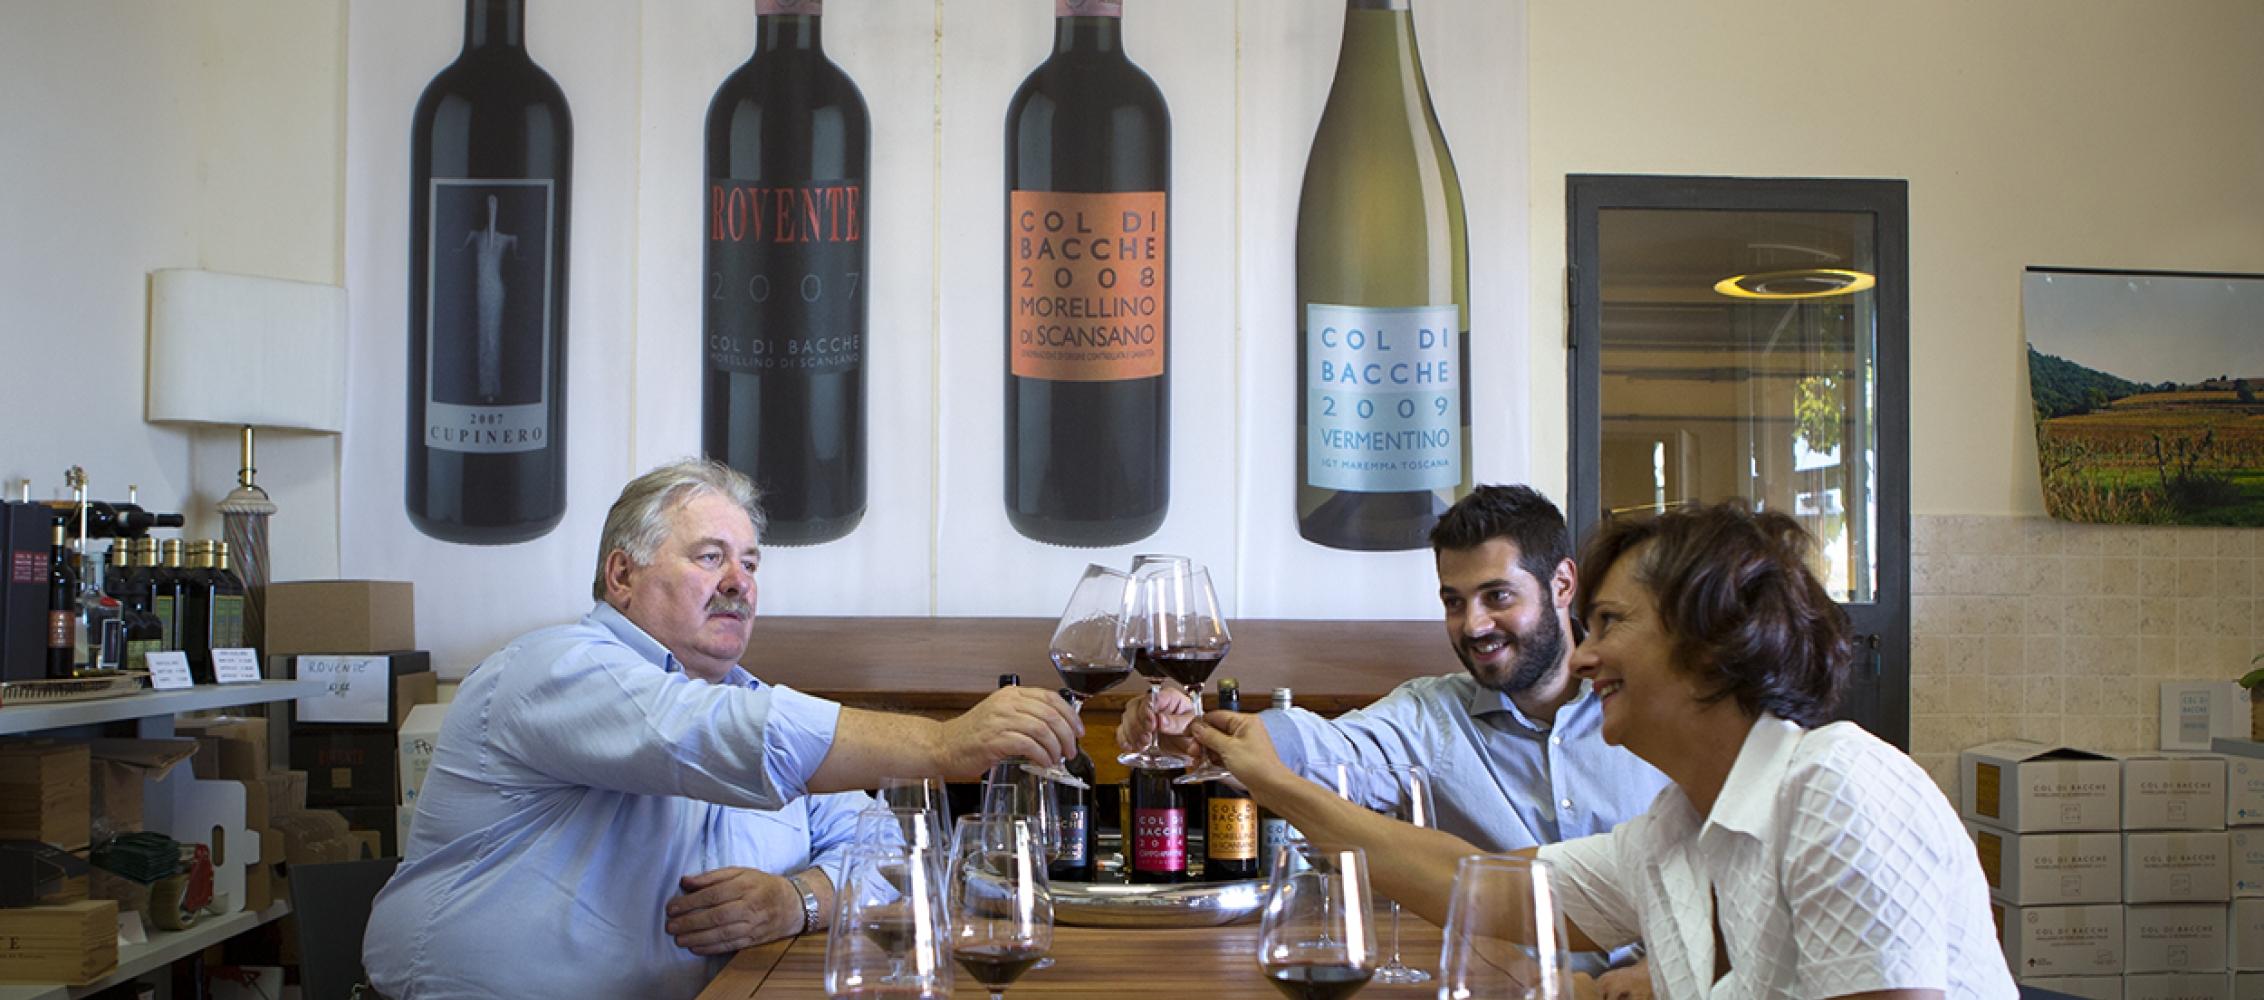 Sala degustazione vini maremmani in un ambiente familiare